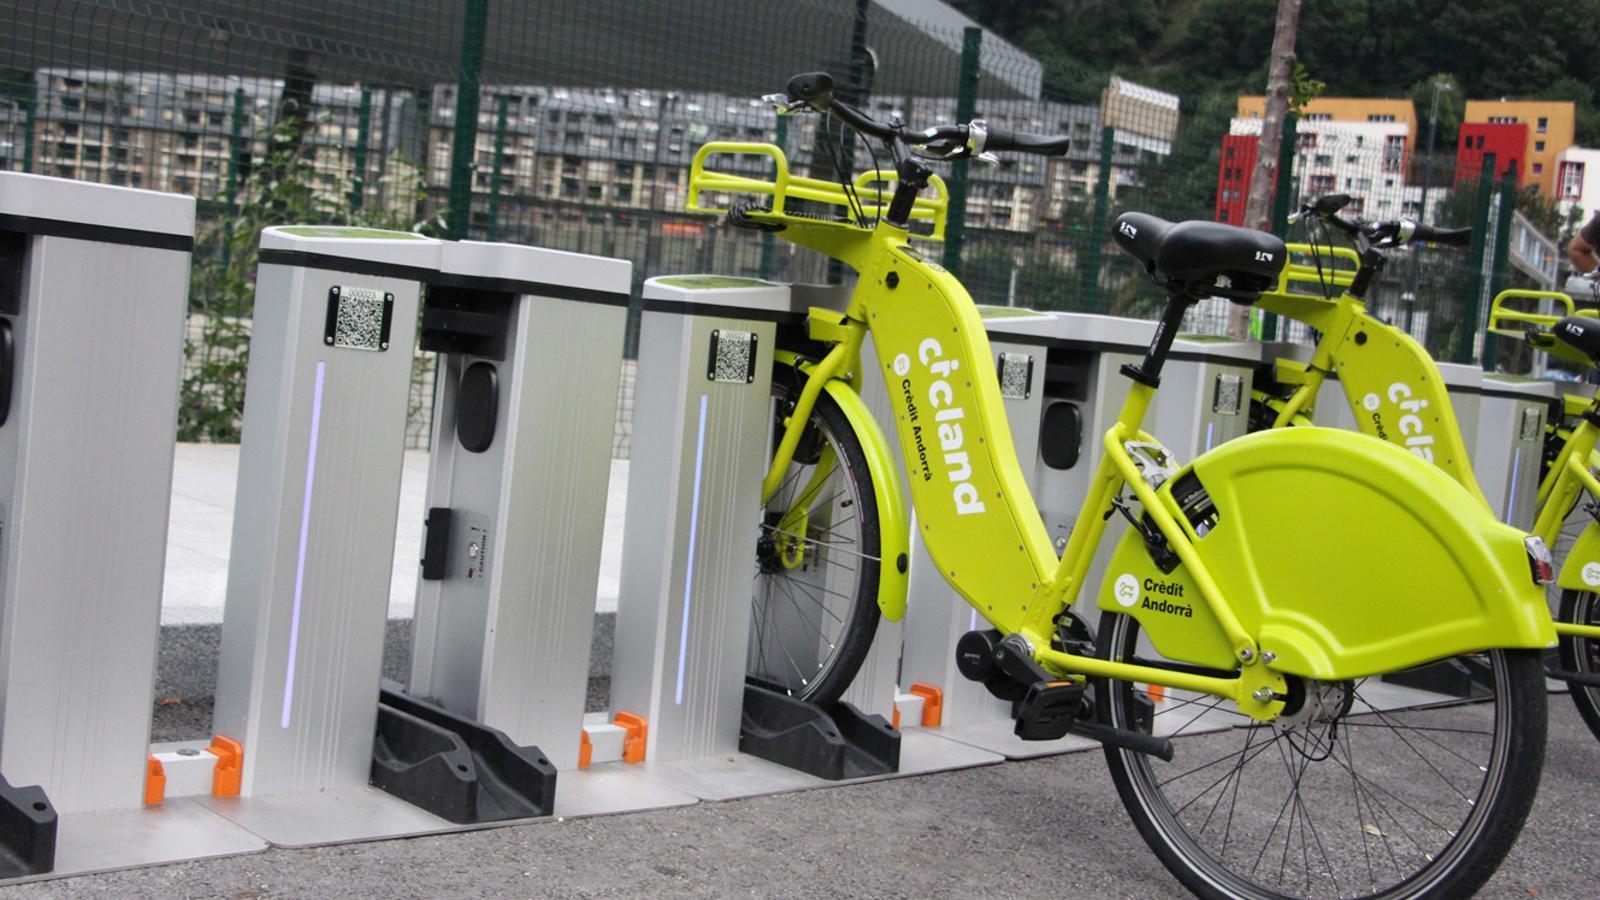 El servei de bicicletes elèctriques es perfila com una alternativa a l'hora d'agafar el vehicle particular per fer trajectes curts. / T. N. (ANA)